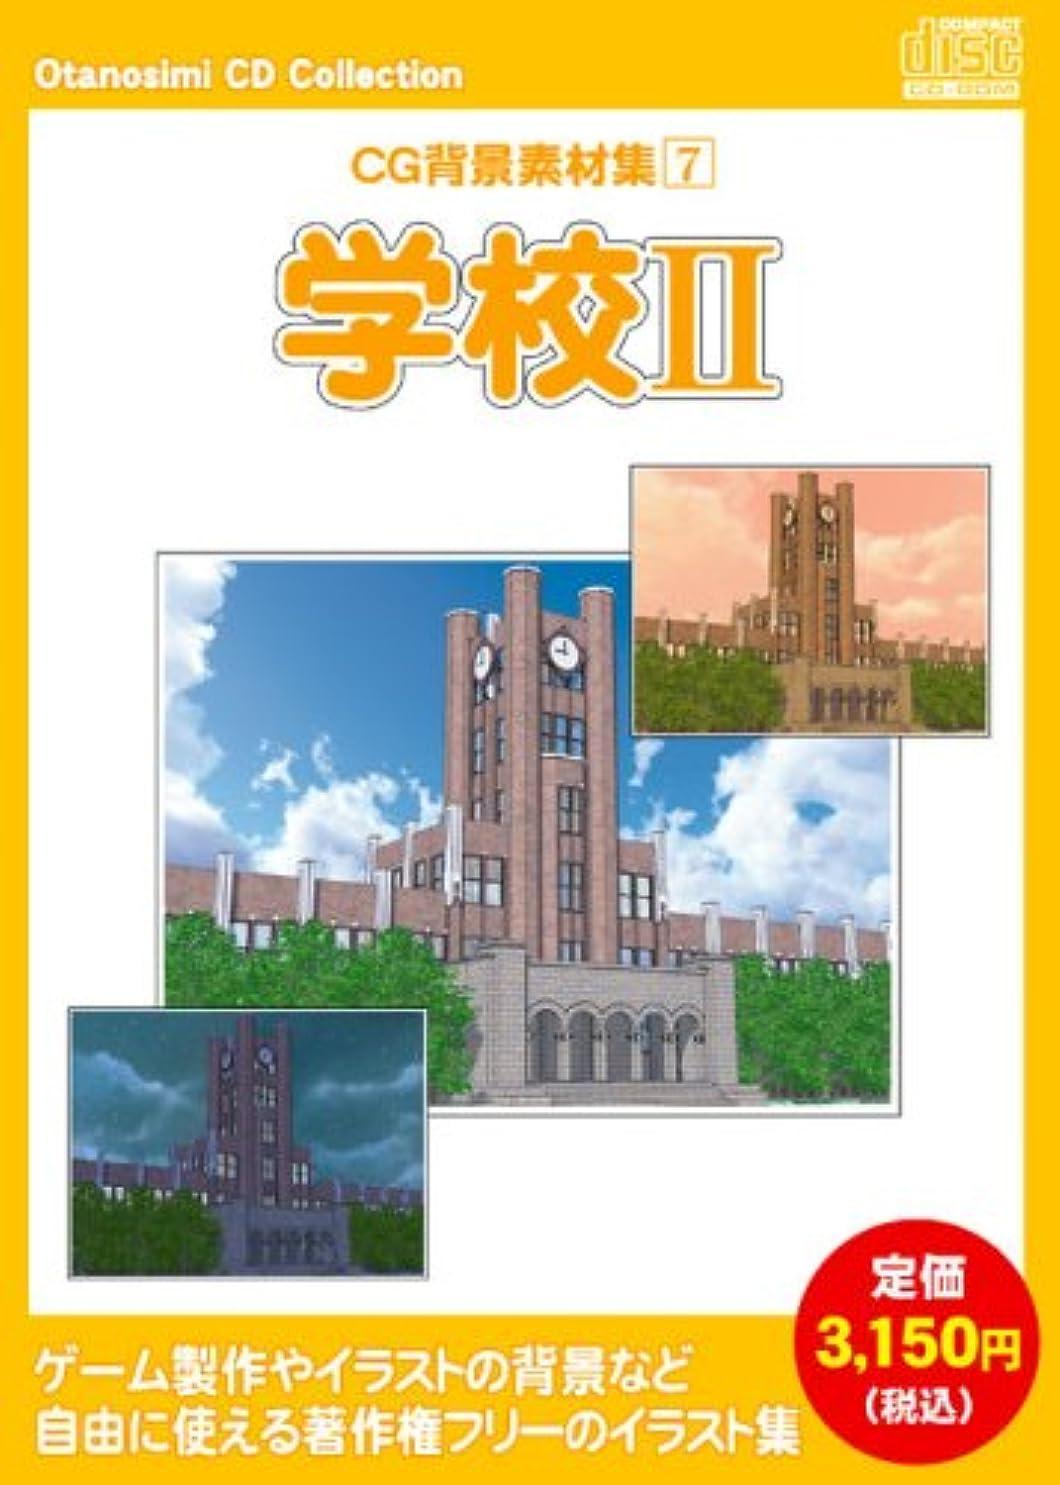 ボリューム失われた罪お楽しみCDコレクション 「CG背景素材集 7 学校 II」